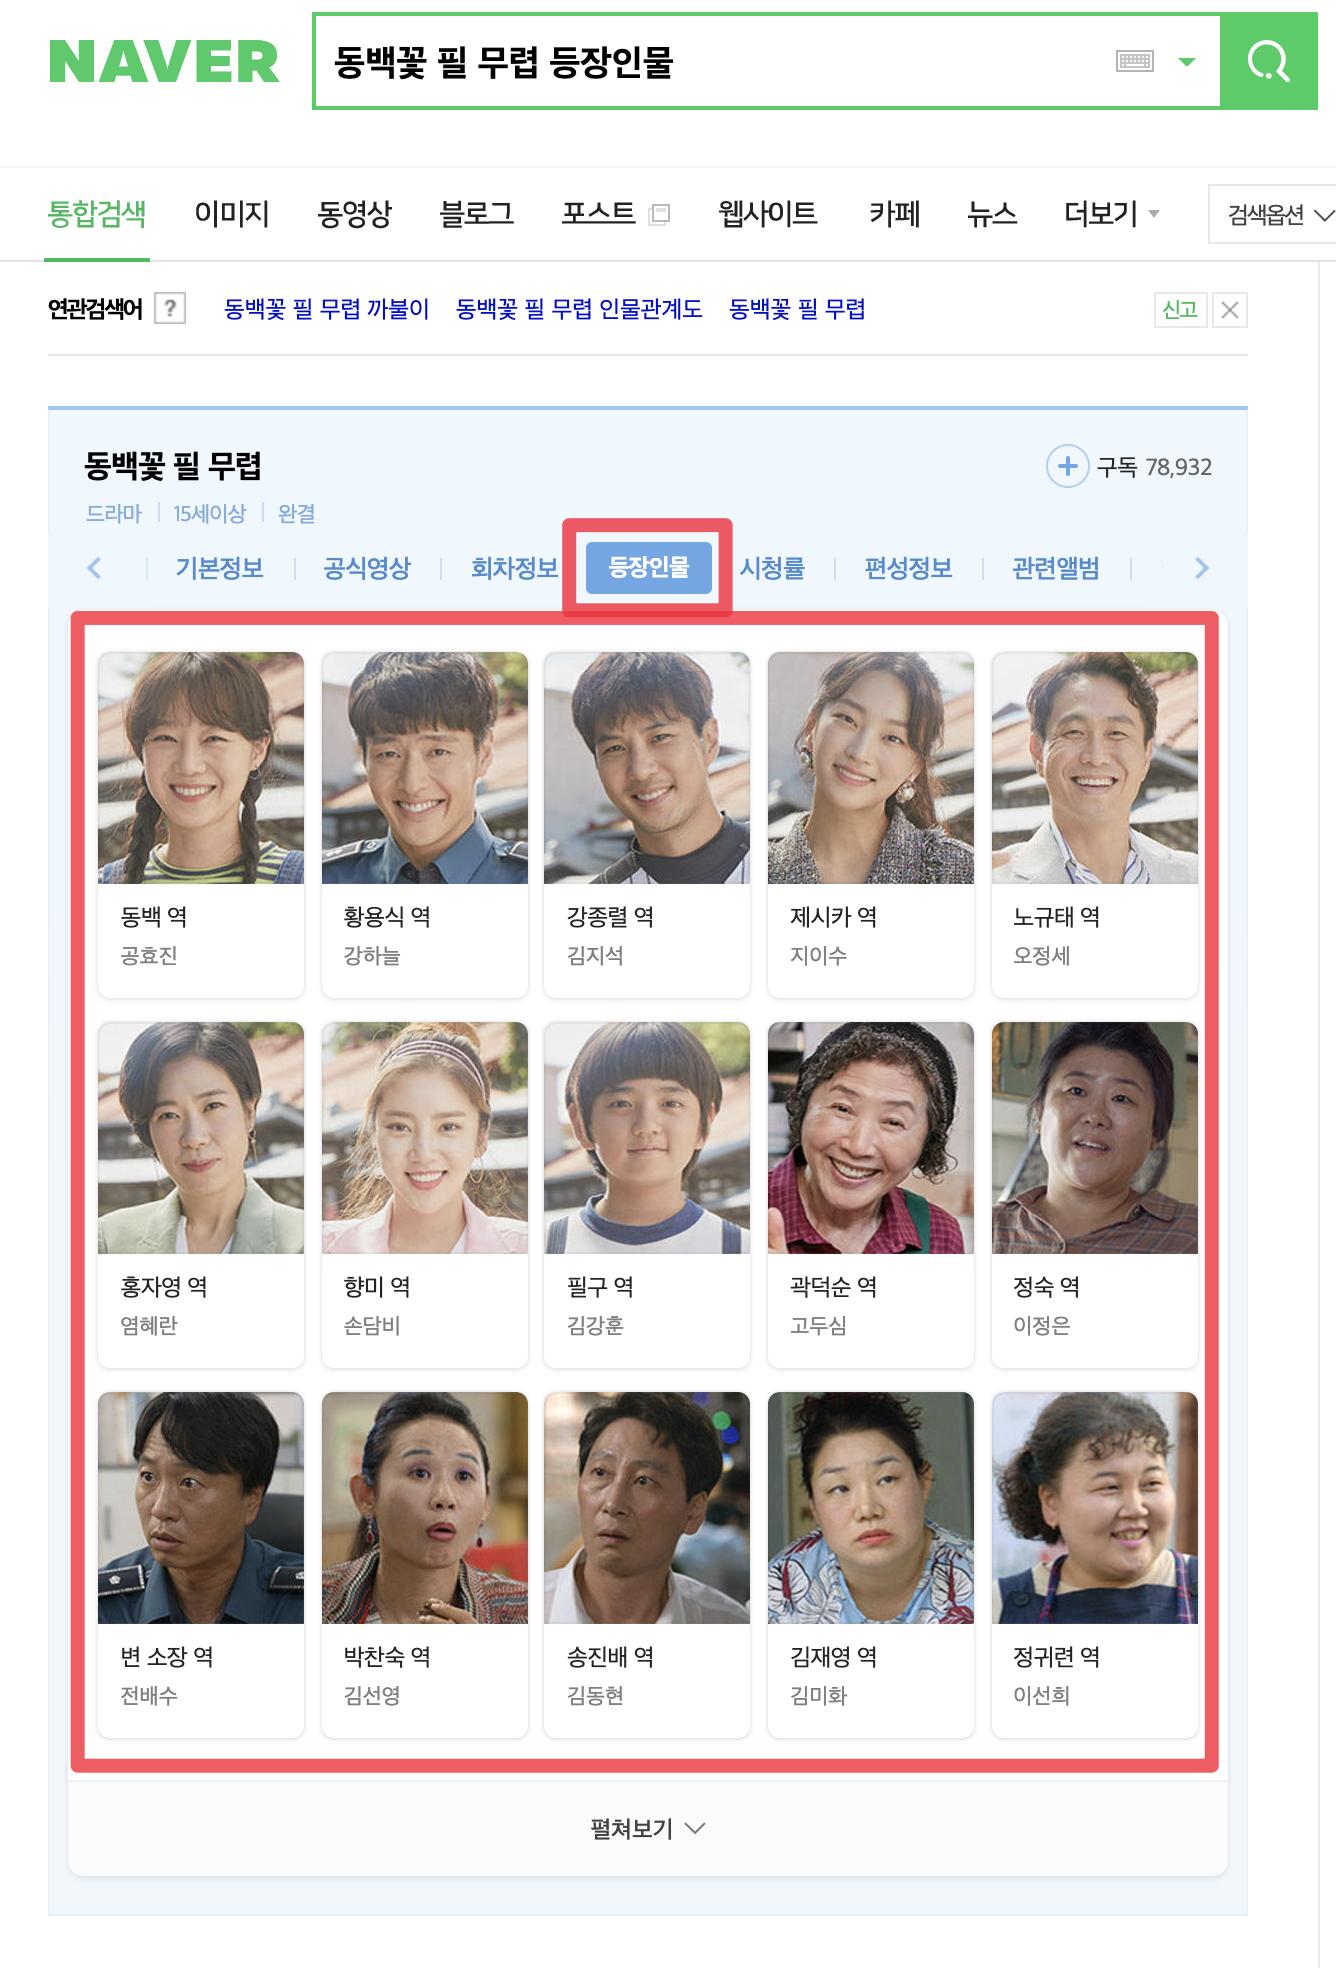 드라마에 출연하는 배우의 수가 많을수록 드라마의 시청률은 올라갈까?